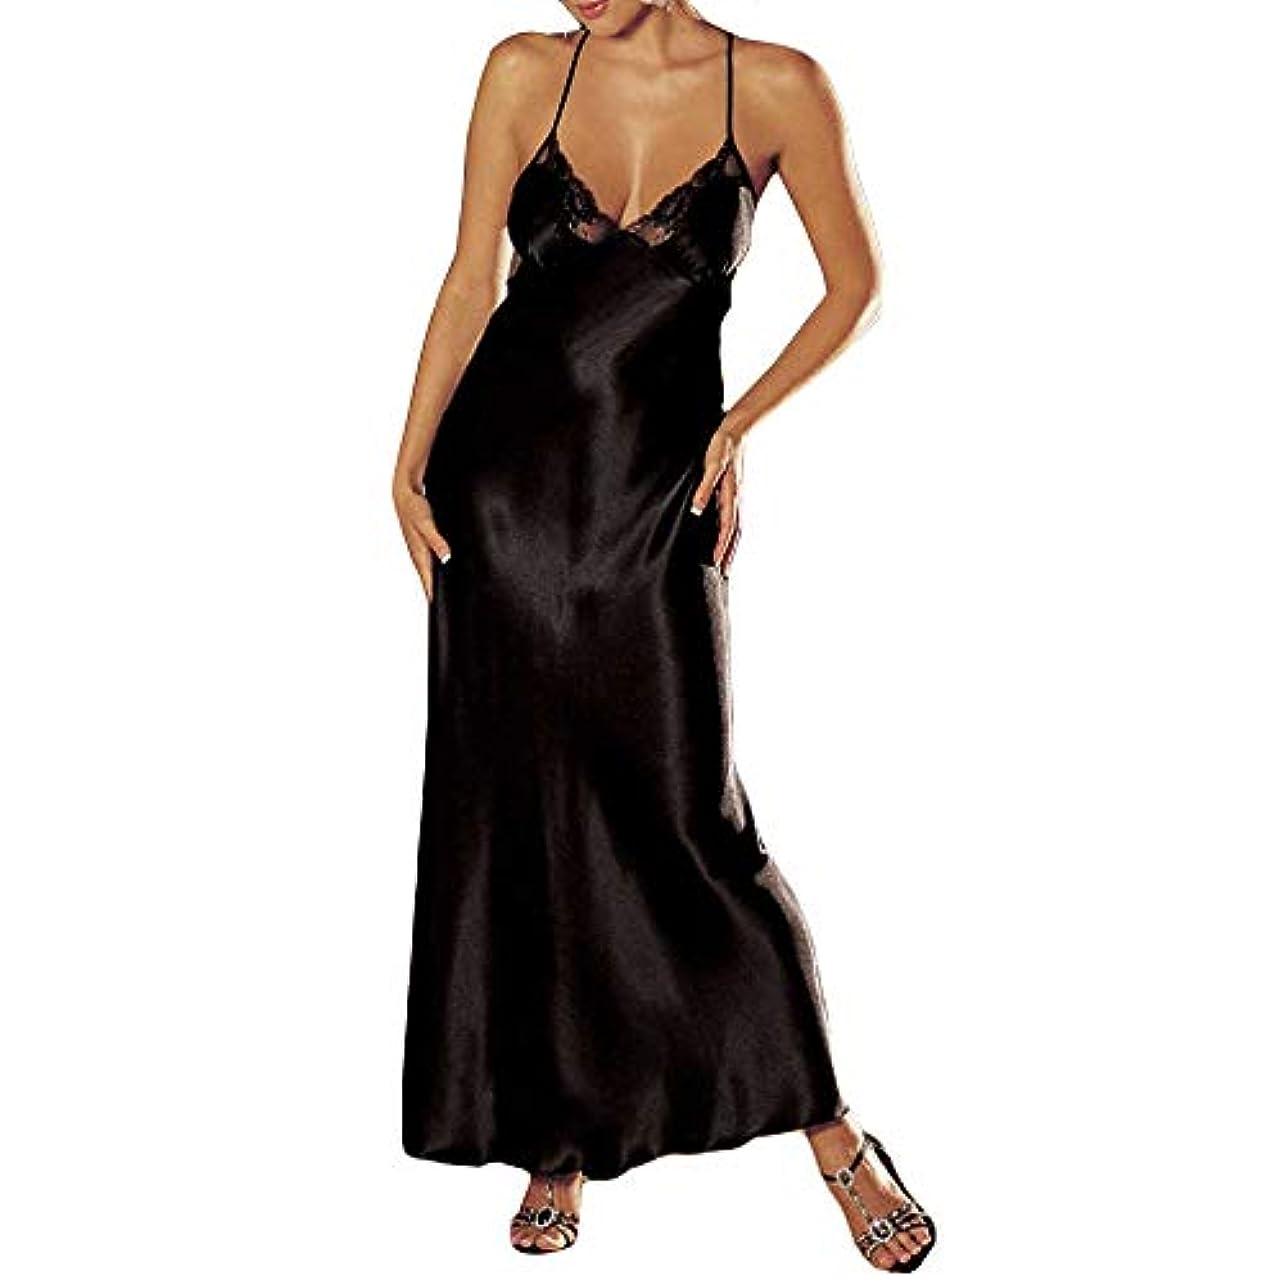 早い割り当てる共同選択吊りドレス liqiuxiang ウーマン 快適 柔らかい ロングスカート 女性 エレガント 着心地 通気性抜群 パジャマ レディース 上下 花柄 ノースリーブ 高級 襦袢